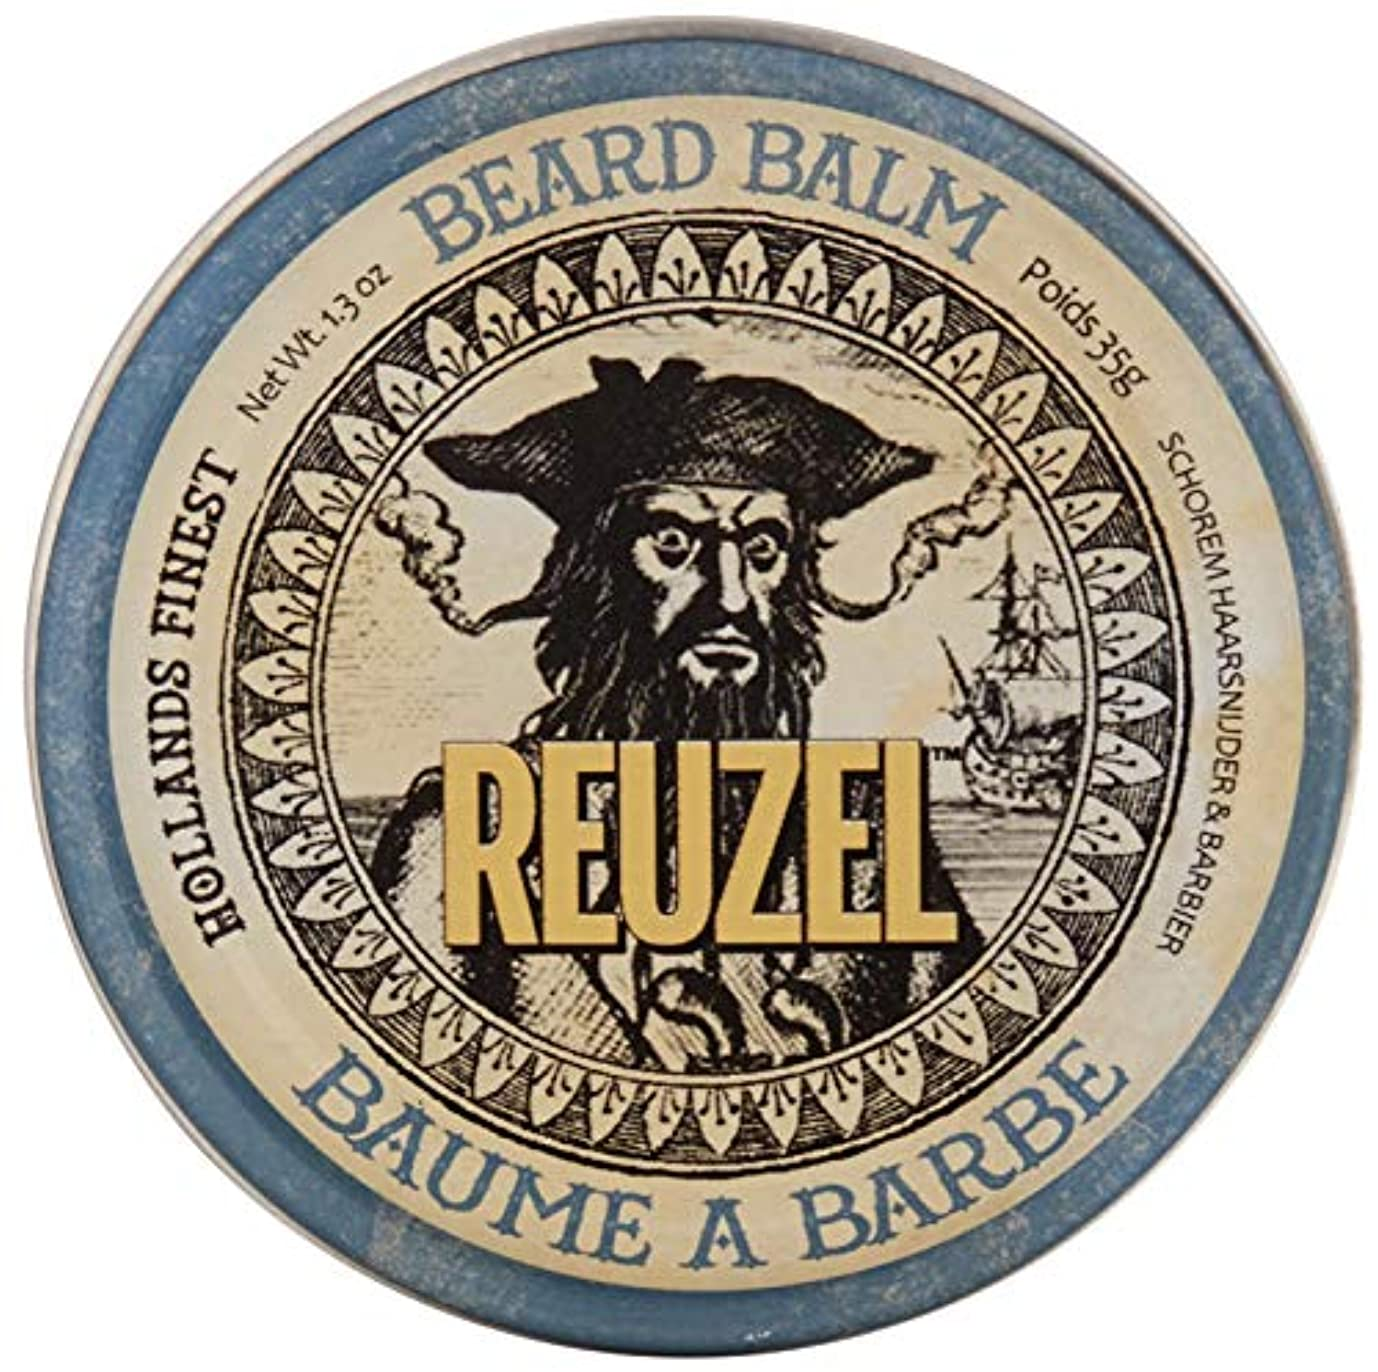 ヒロイックチーフ温度計reuzel BEARD BALM 1.3 oz by REUZEL